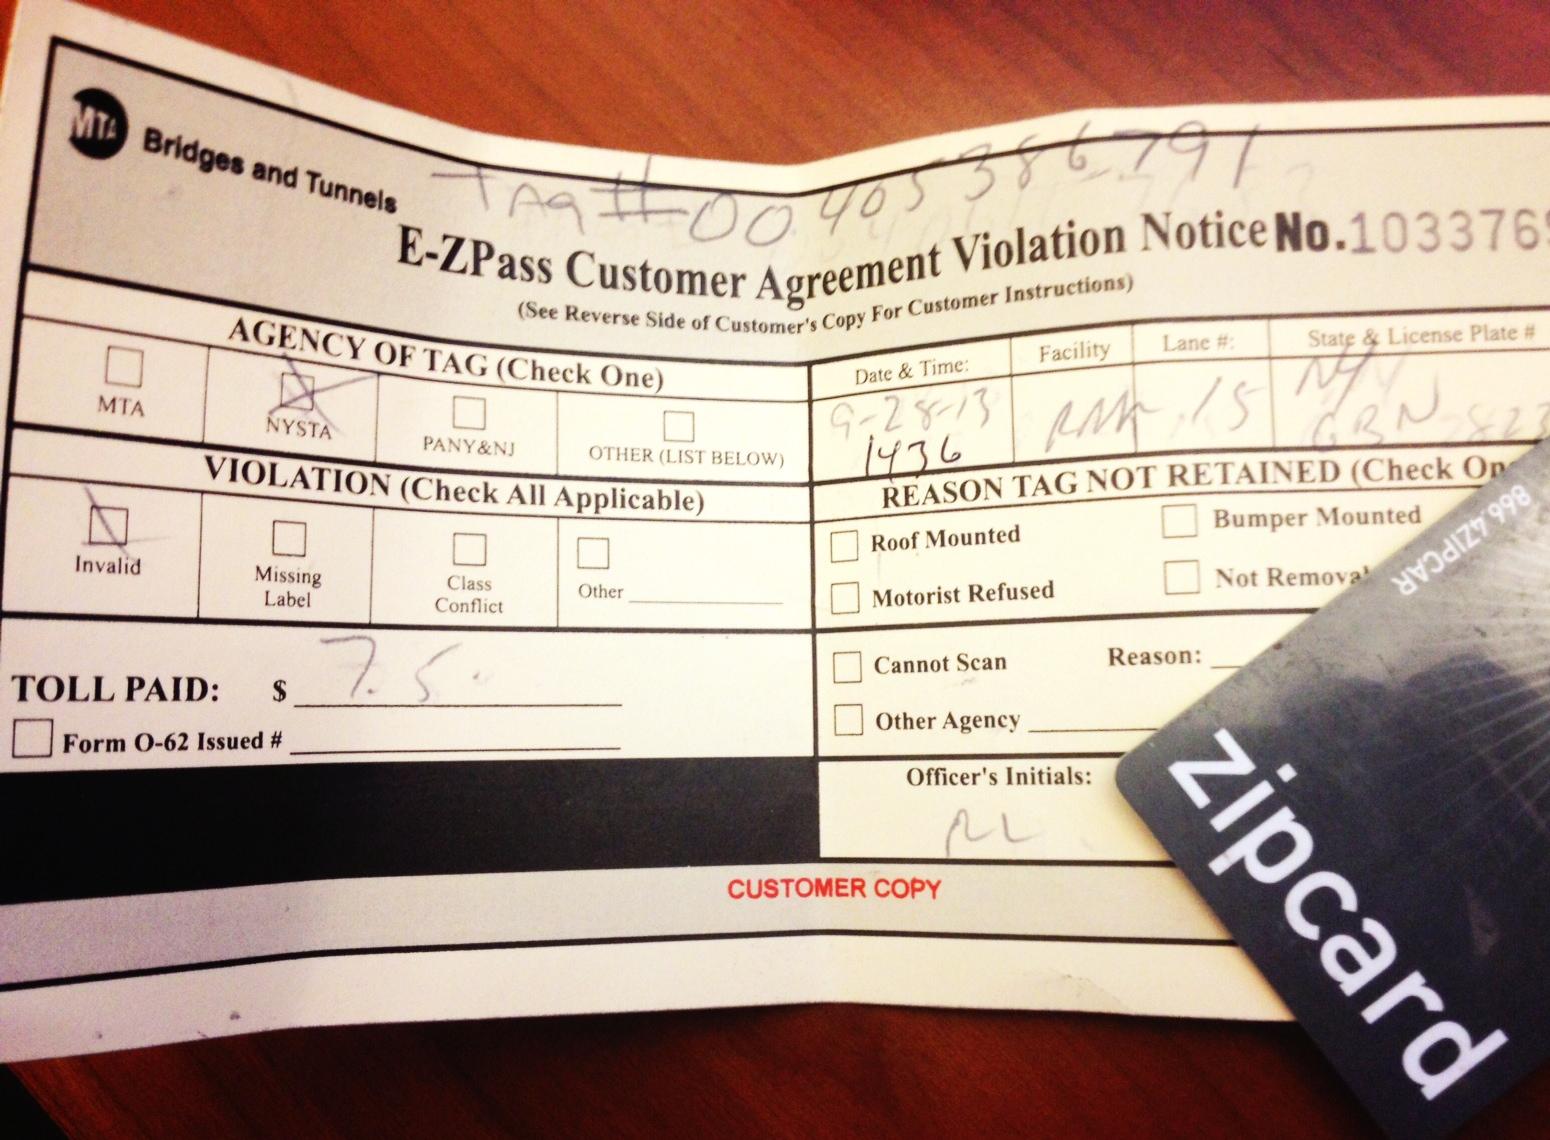 EZ pass violation